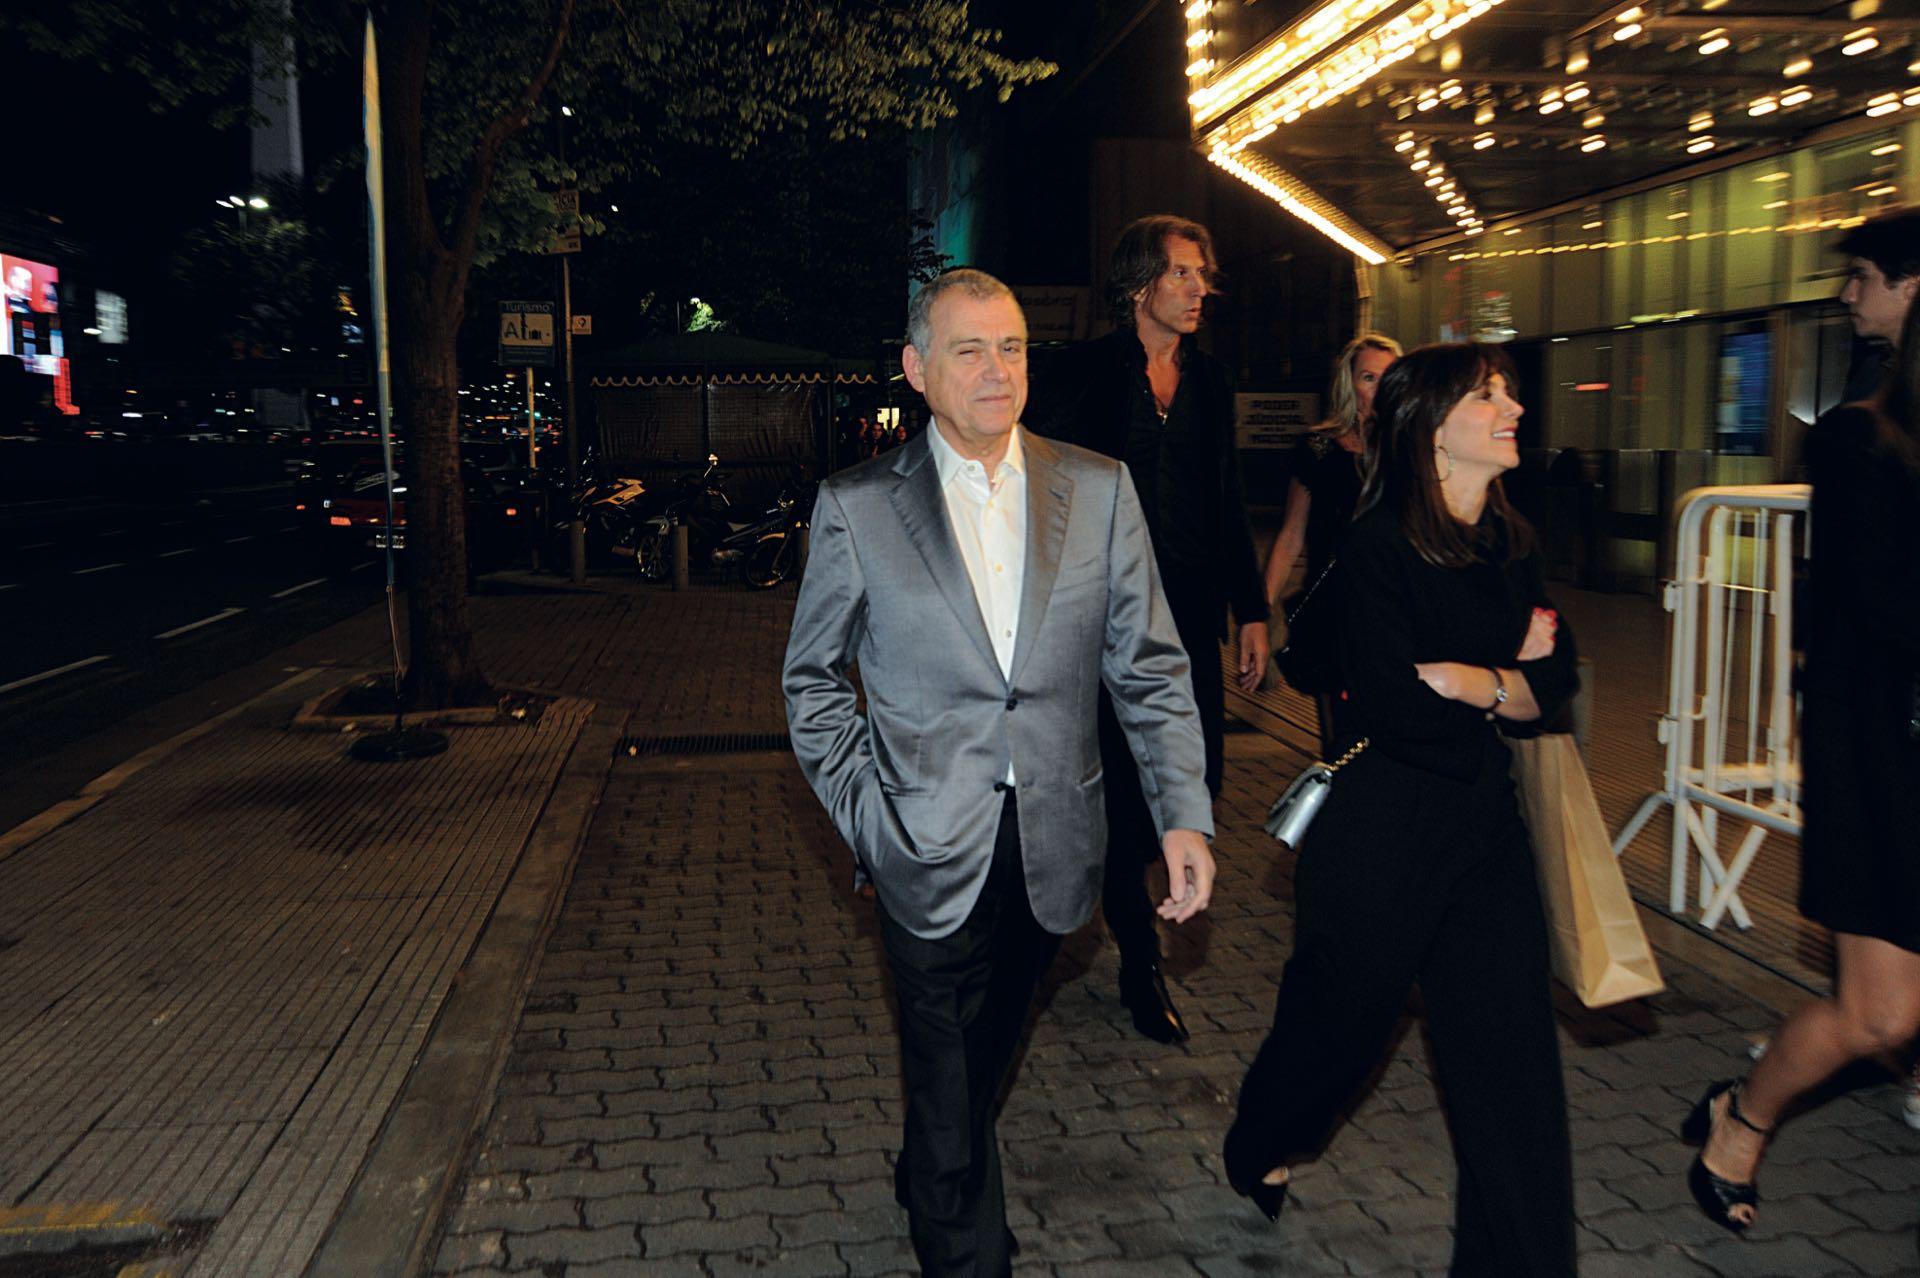 Fiel a su estilo, el agente secreto de la SIDE Jaime Stiuso llegó a la fiesta de incógnito junto a su mujer, Cecilia. (Foto: archivo Gente)